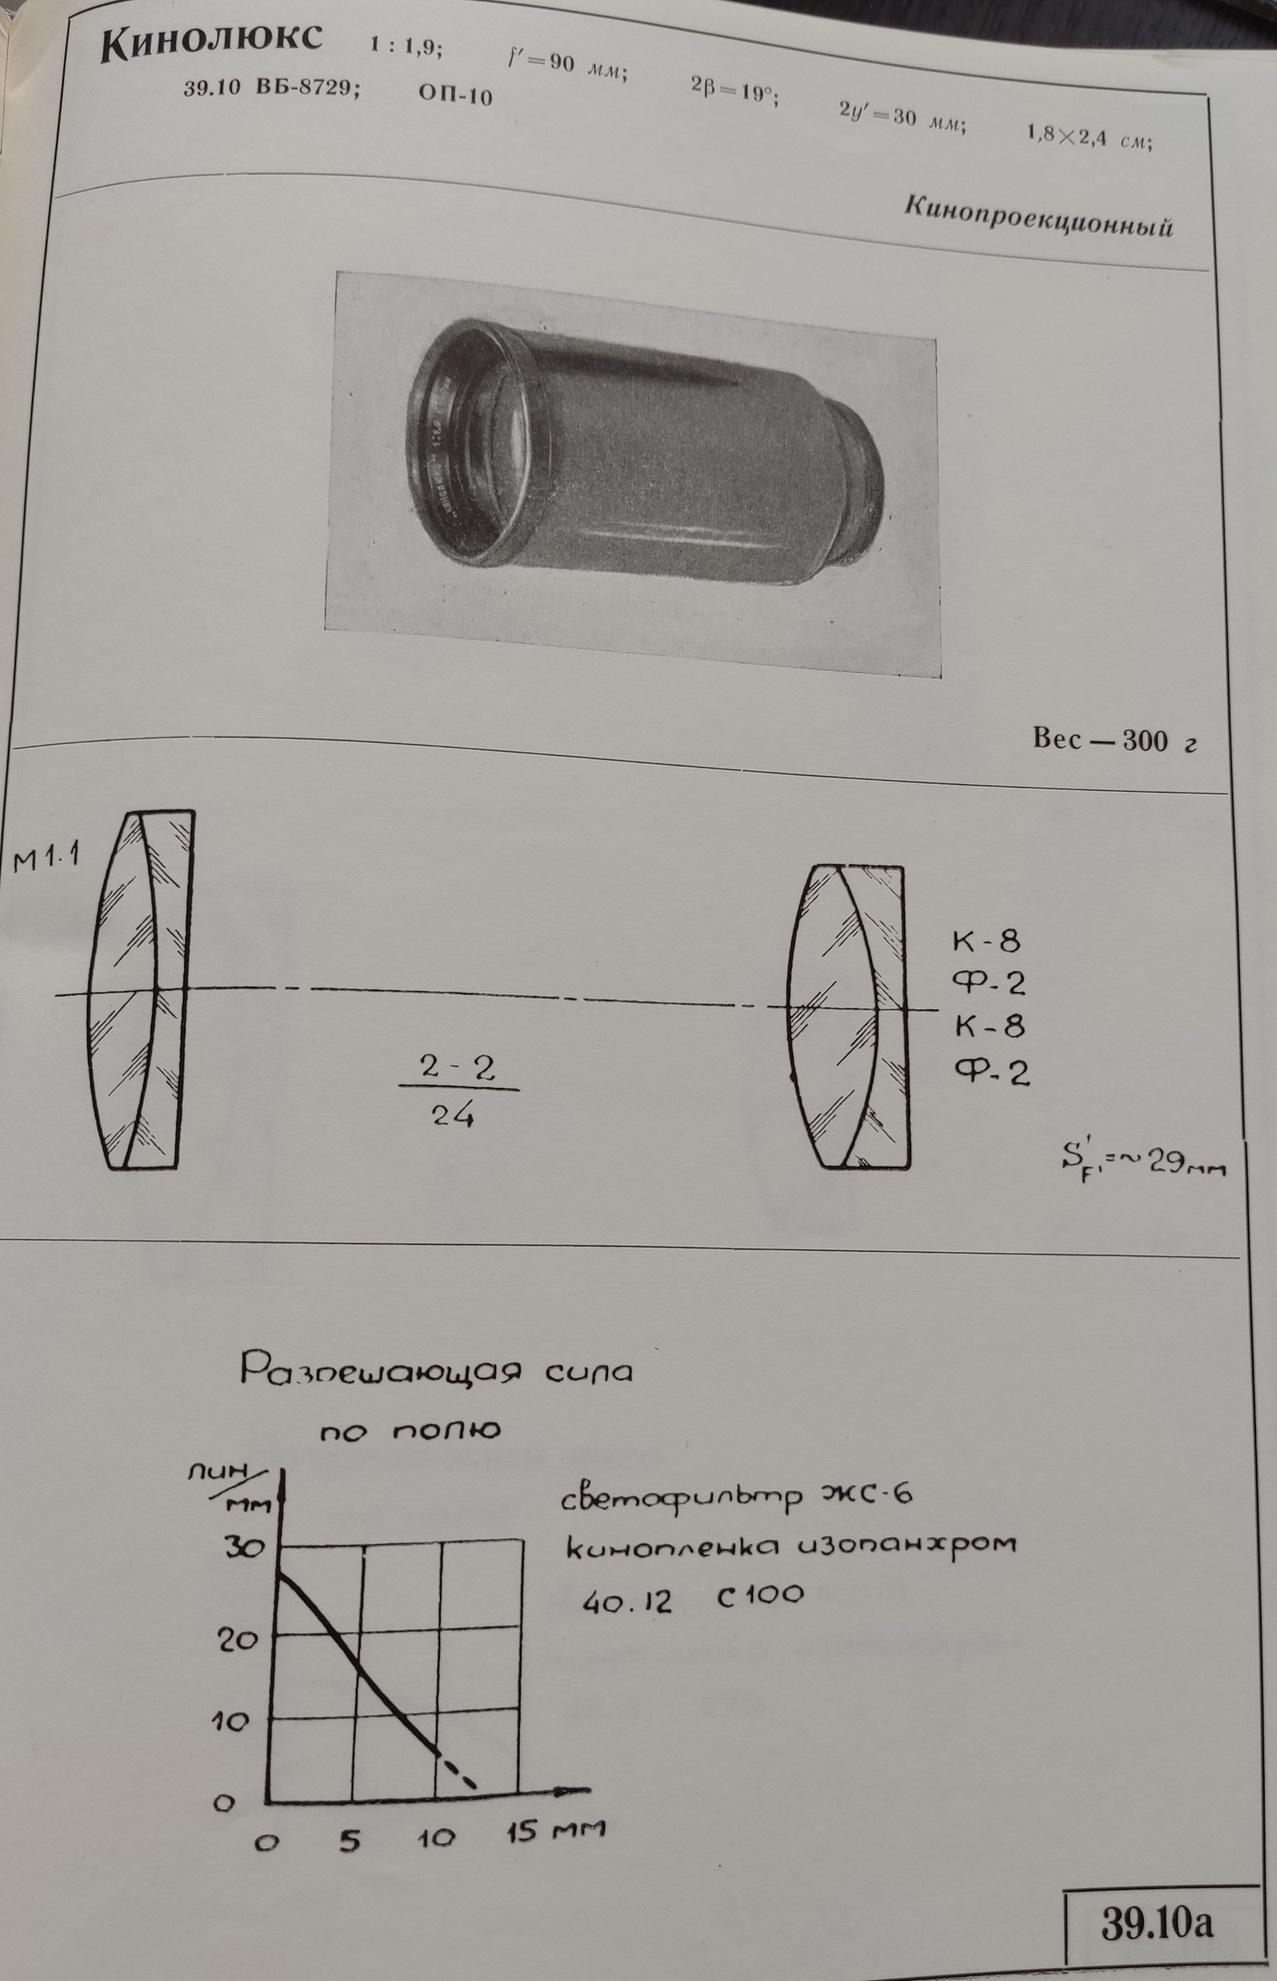 Карточка ОП-10 «Кинолюкс» 90/1.9 в каталоге ГОИ.